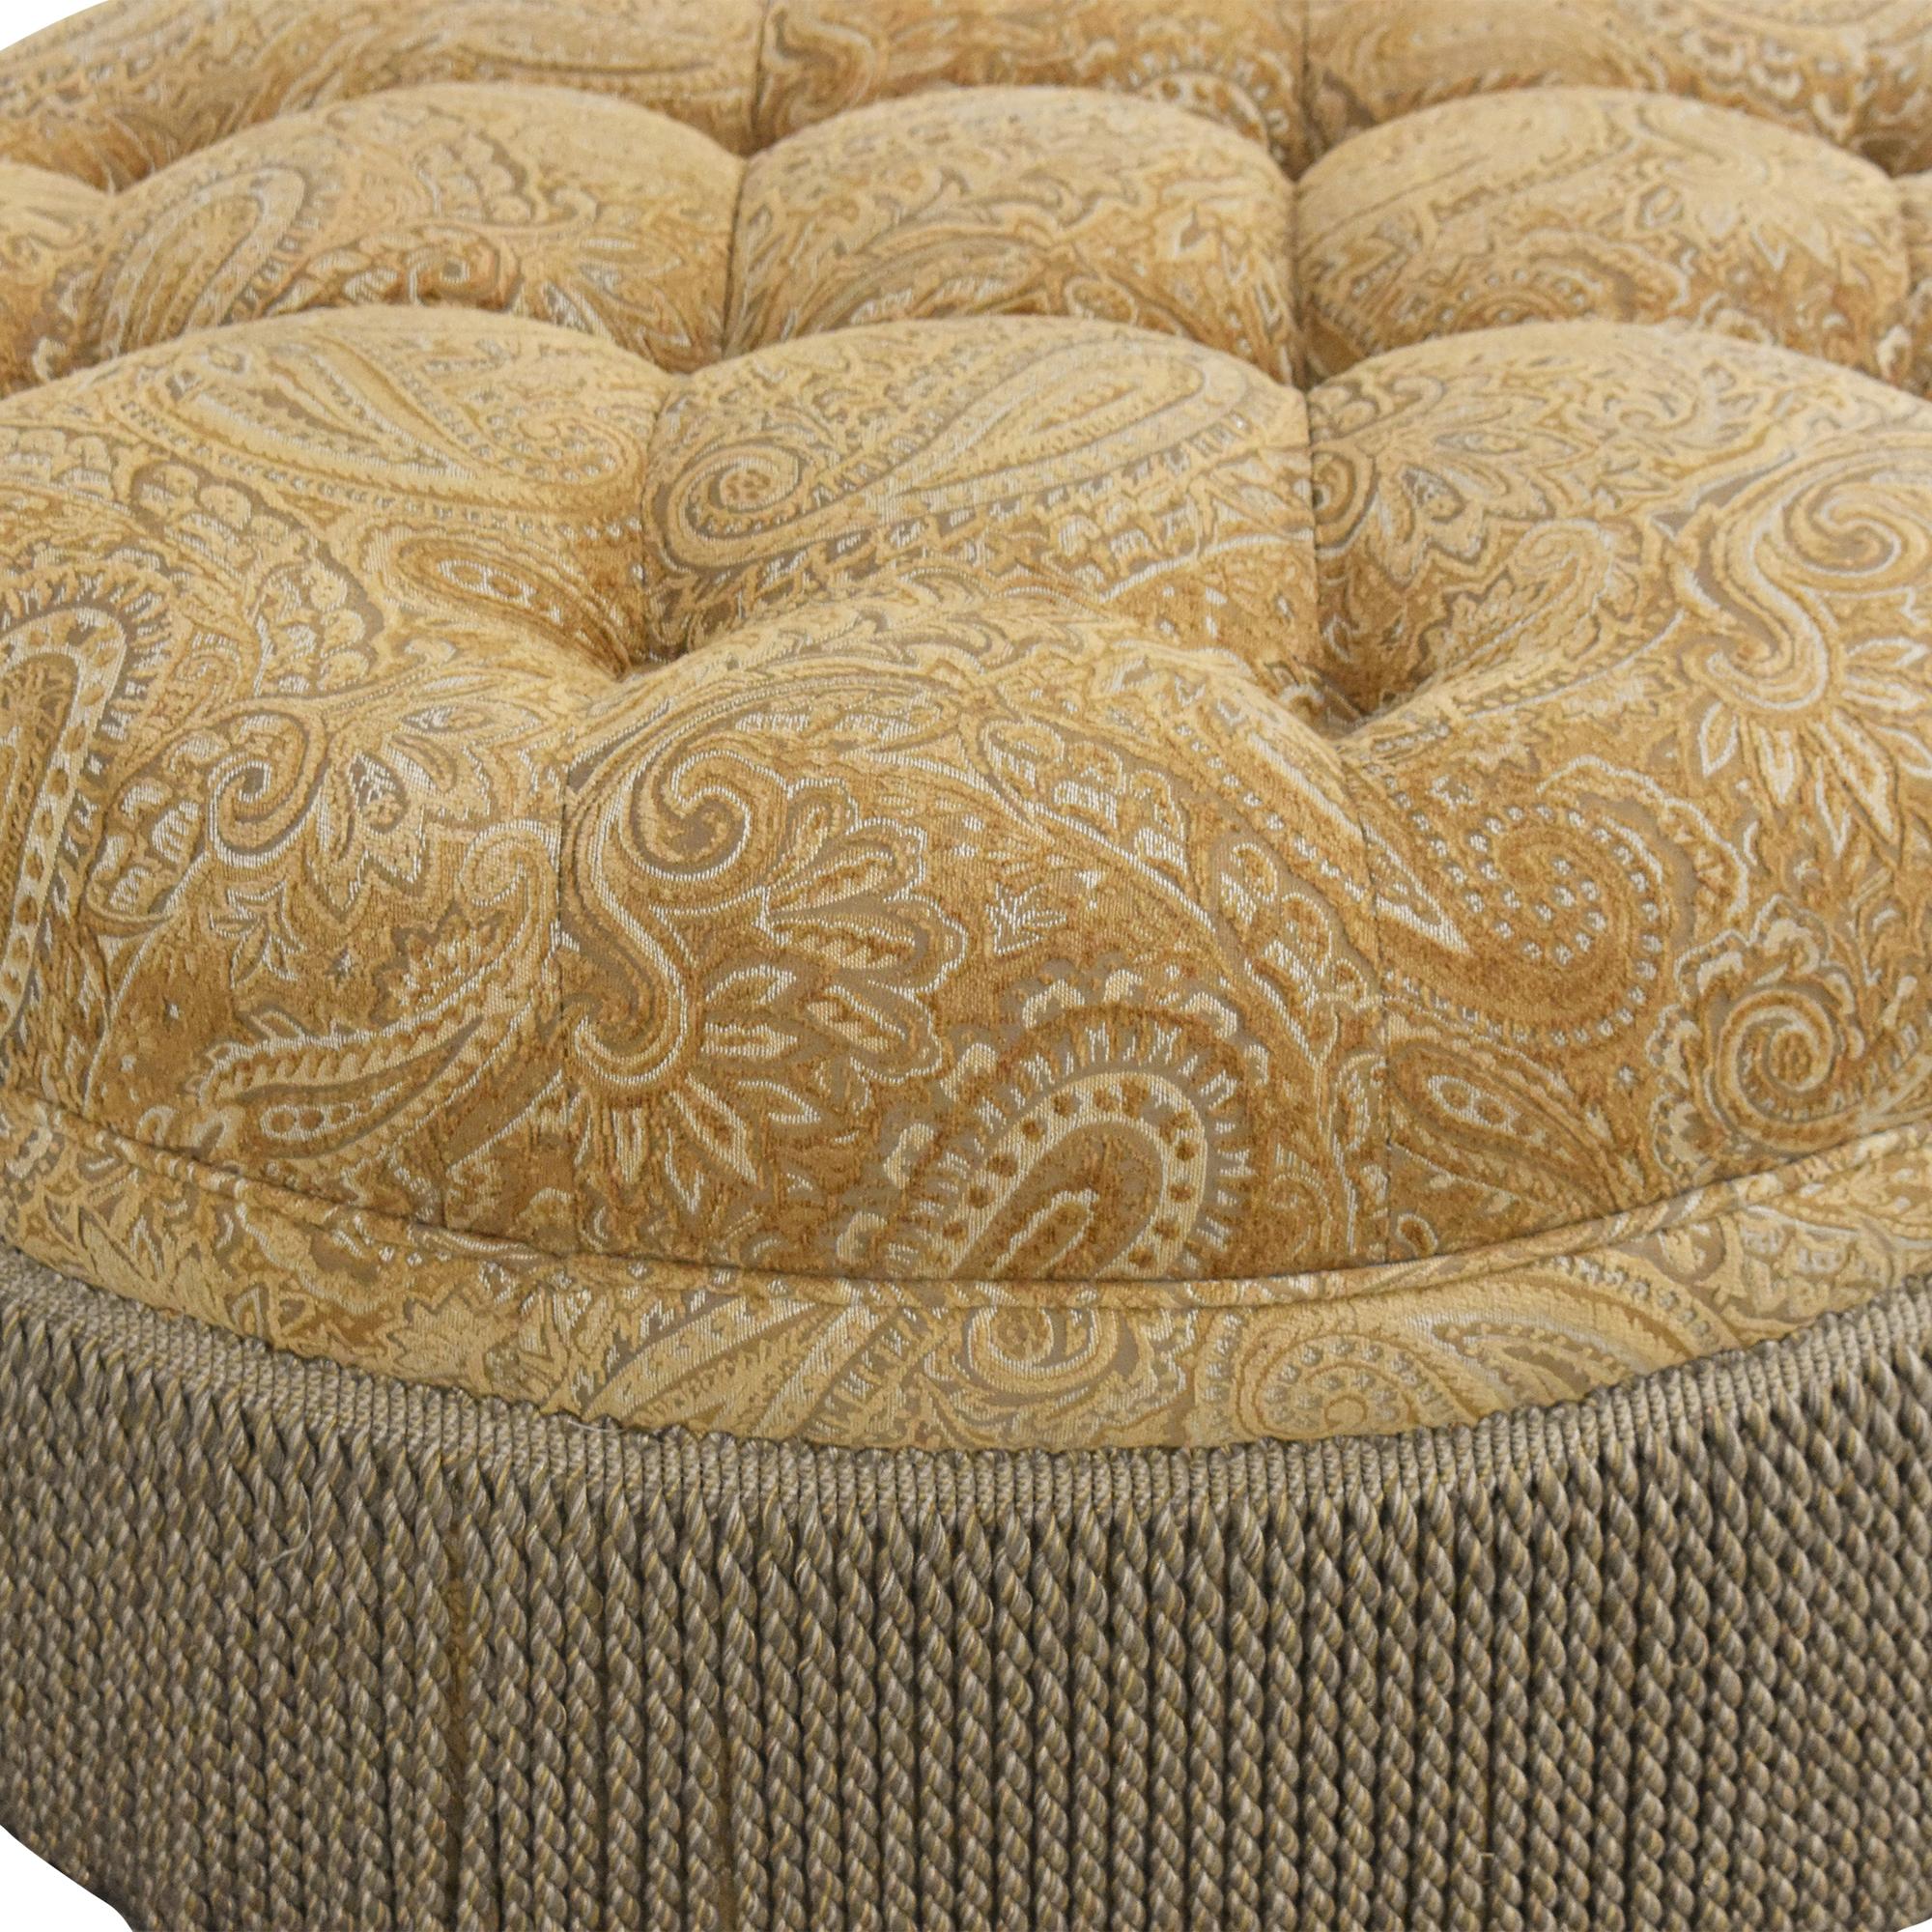 shop Round Tufted Fringe Ottoman